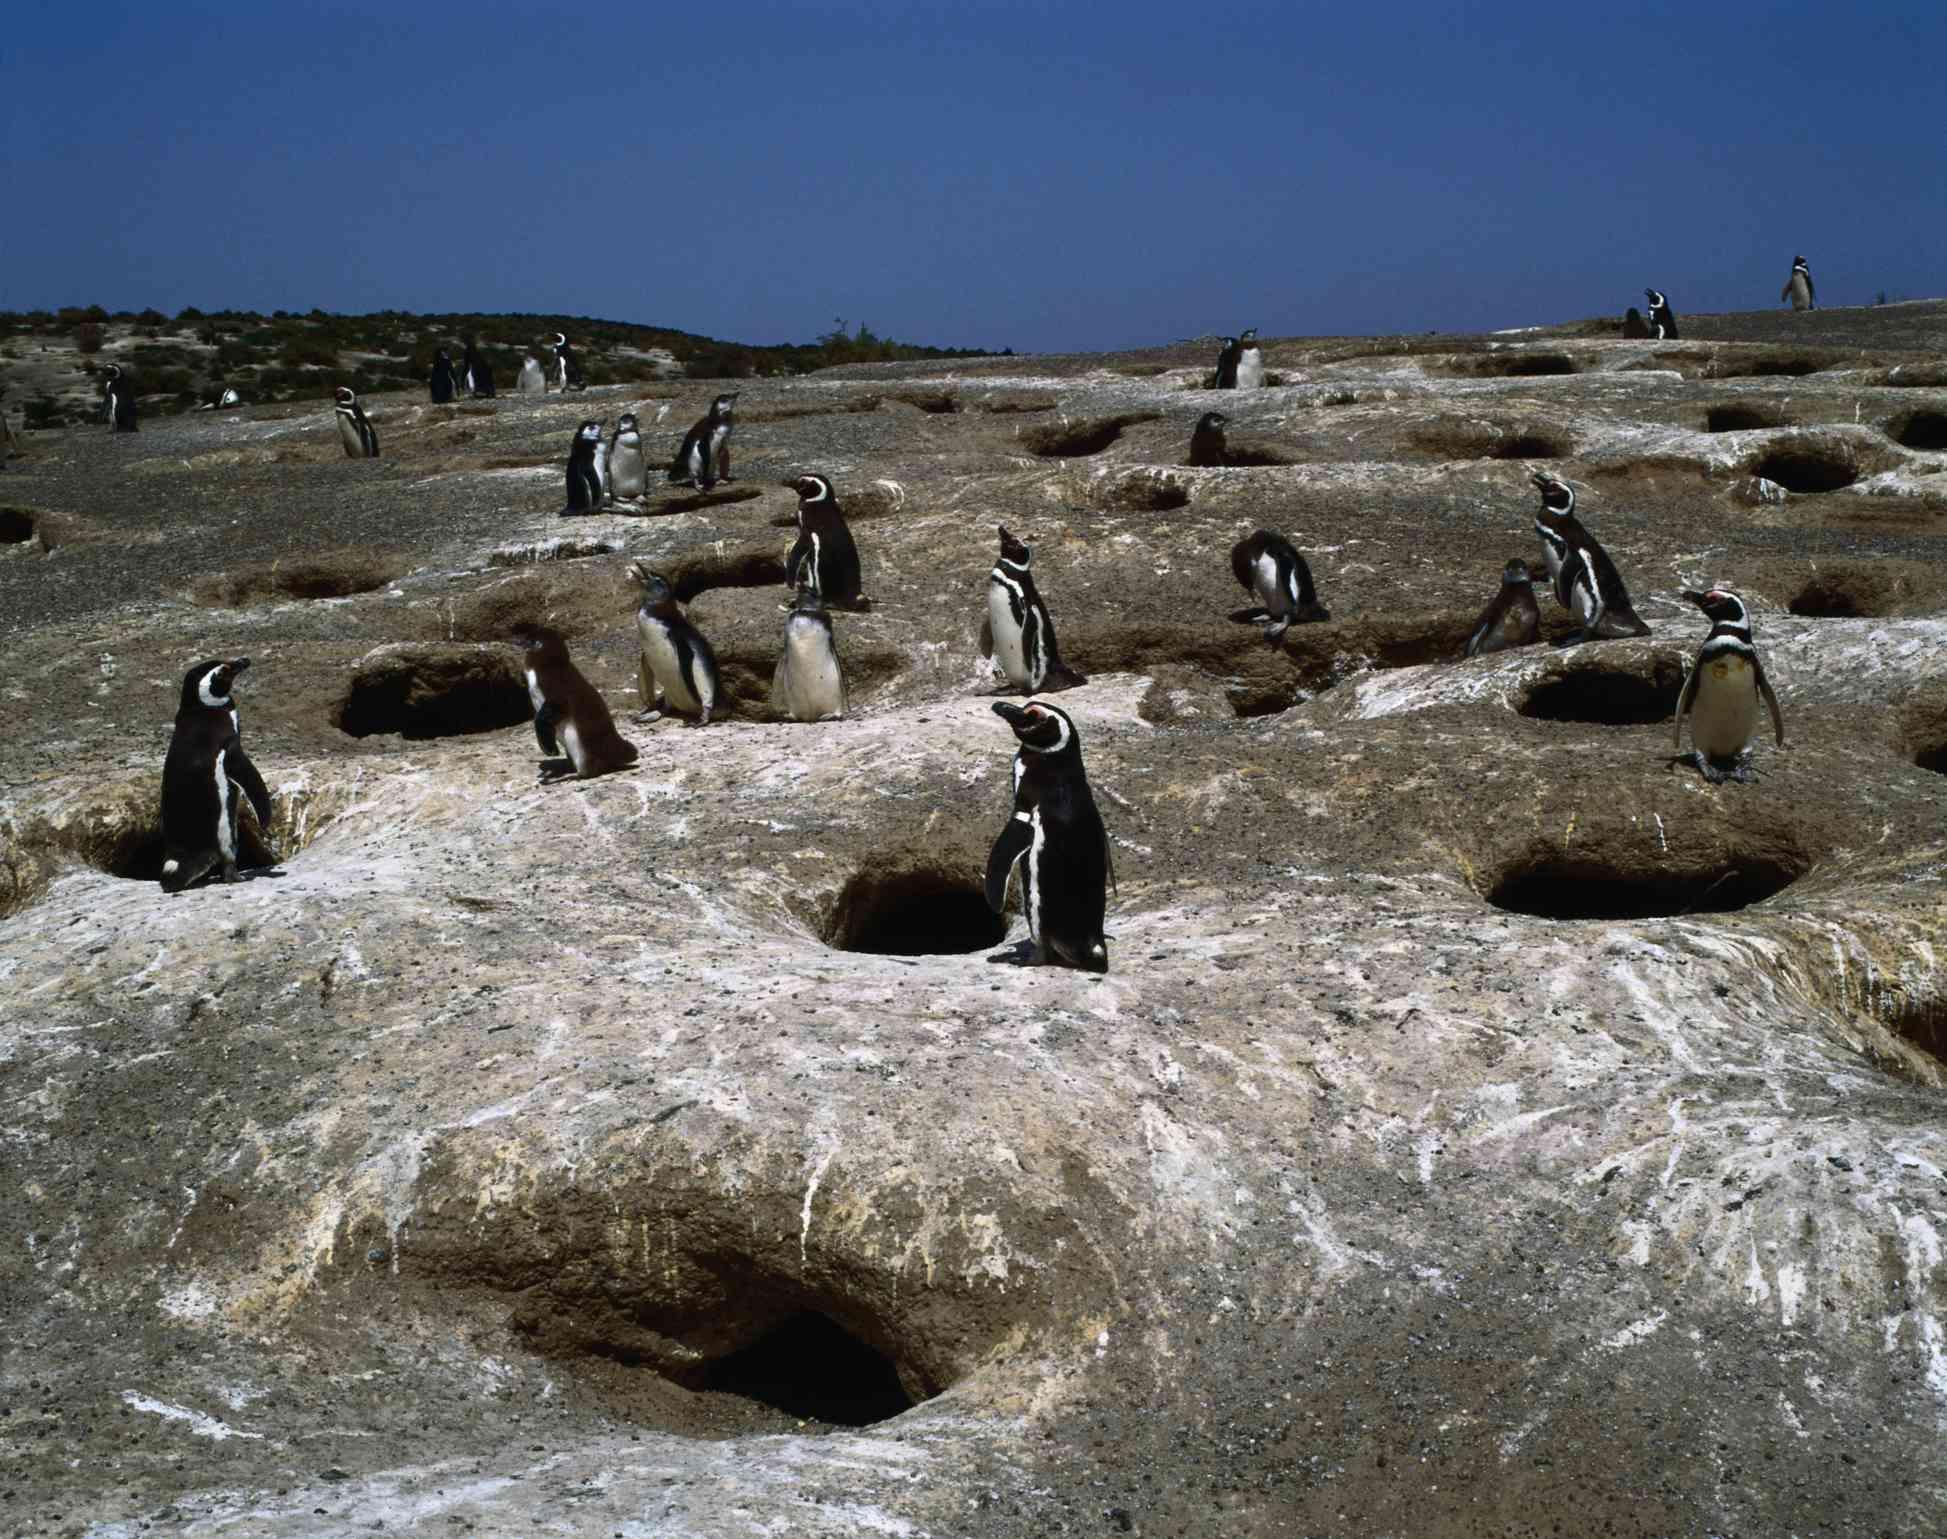 Punta Tombo es el más grande colonia reproductora del pingüino de Magallanes en la costa patagónica donde miles vienen a anidar